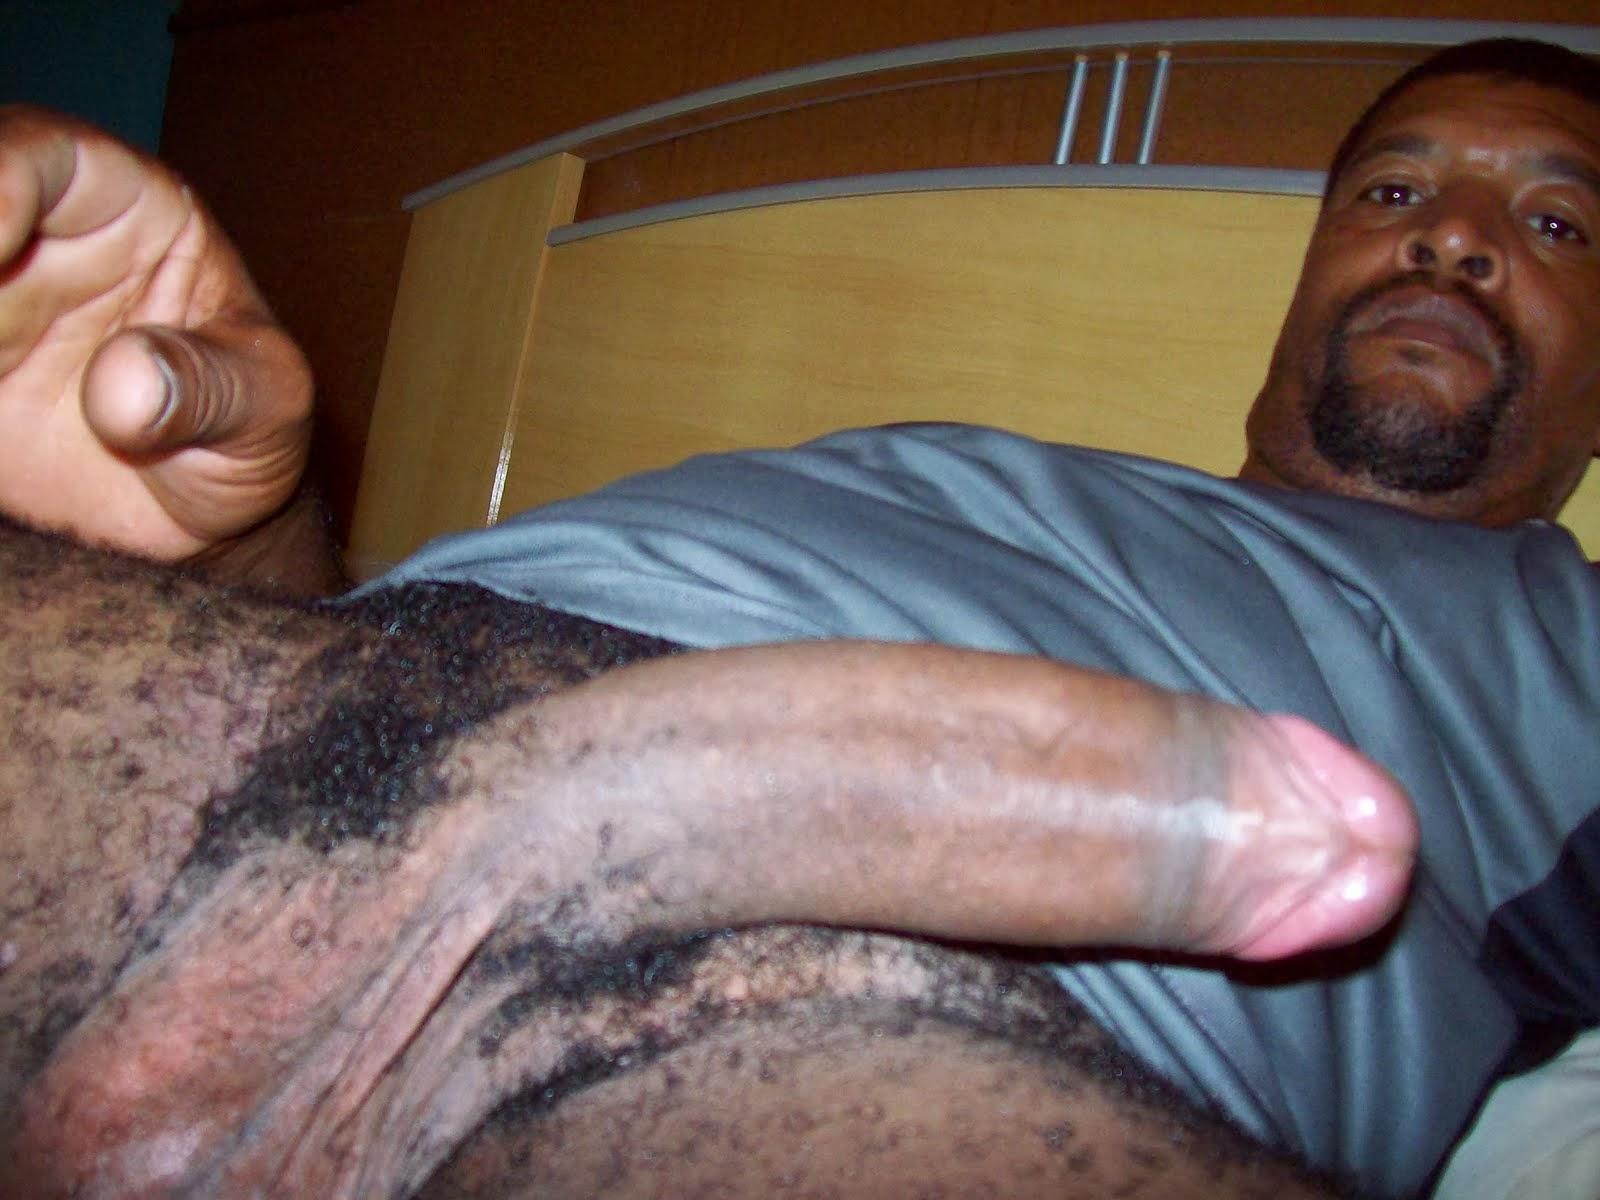 pelados e gostosos homens tesudos gay 09 enormes caralhos